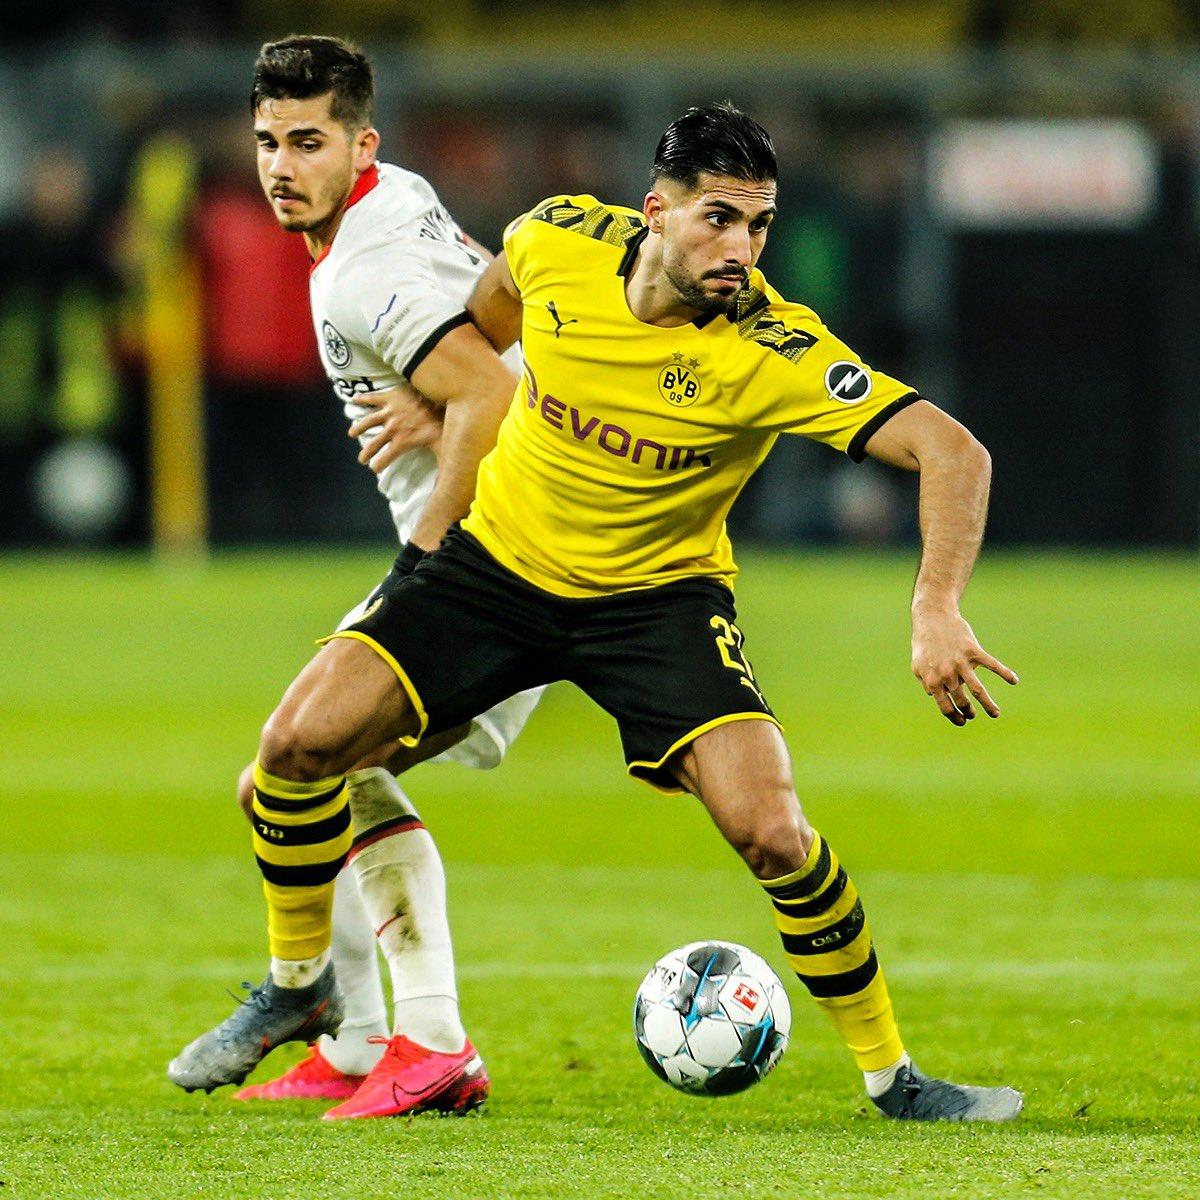 Fantastic win in front of the Gelbe Wand at my home debut! Thanks for your great support 💛🖤 @BVB #EC27 #BVB #weCan Ein großartiger Sieg vor der gelben Wand in meinem Heimdebut. Danke für die Unterstützung!